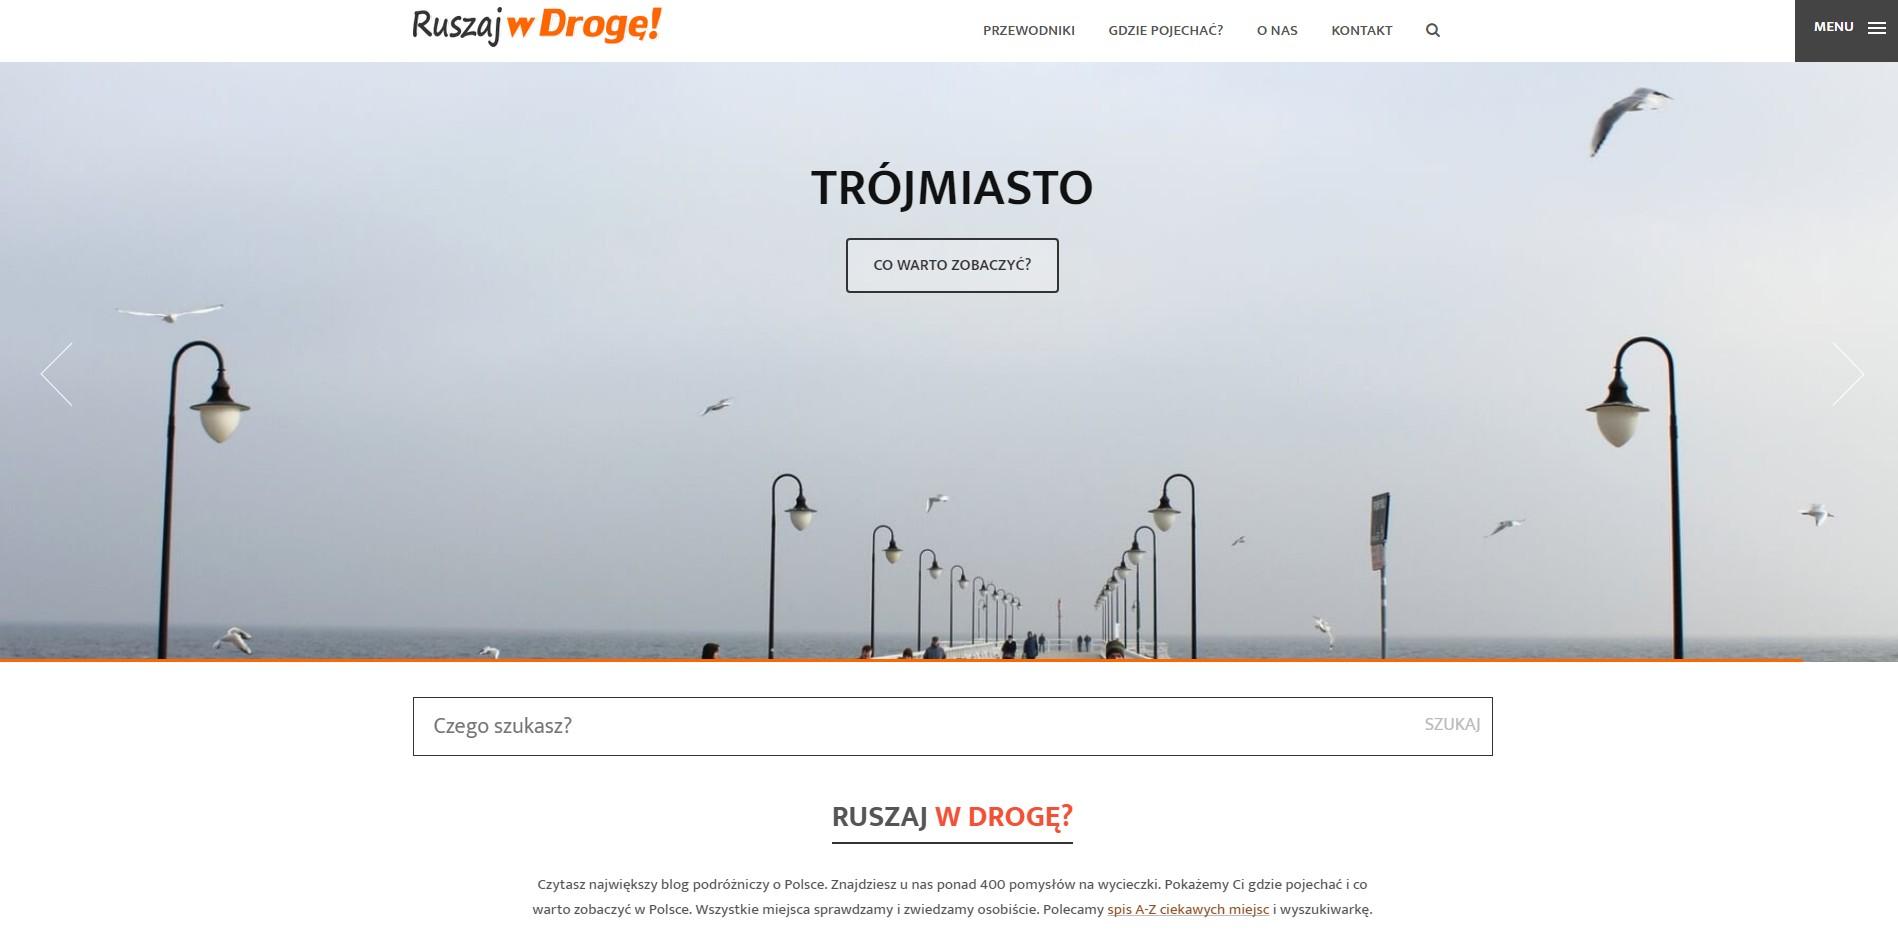 Blog podróżniczy ruszajwdroge.pl